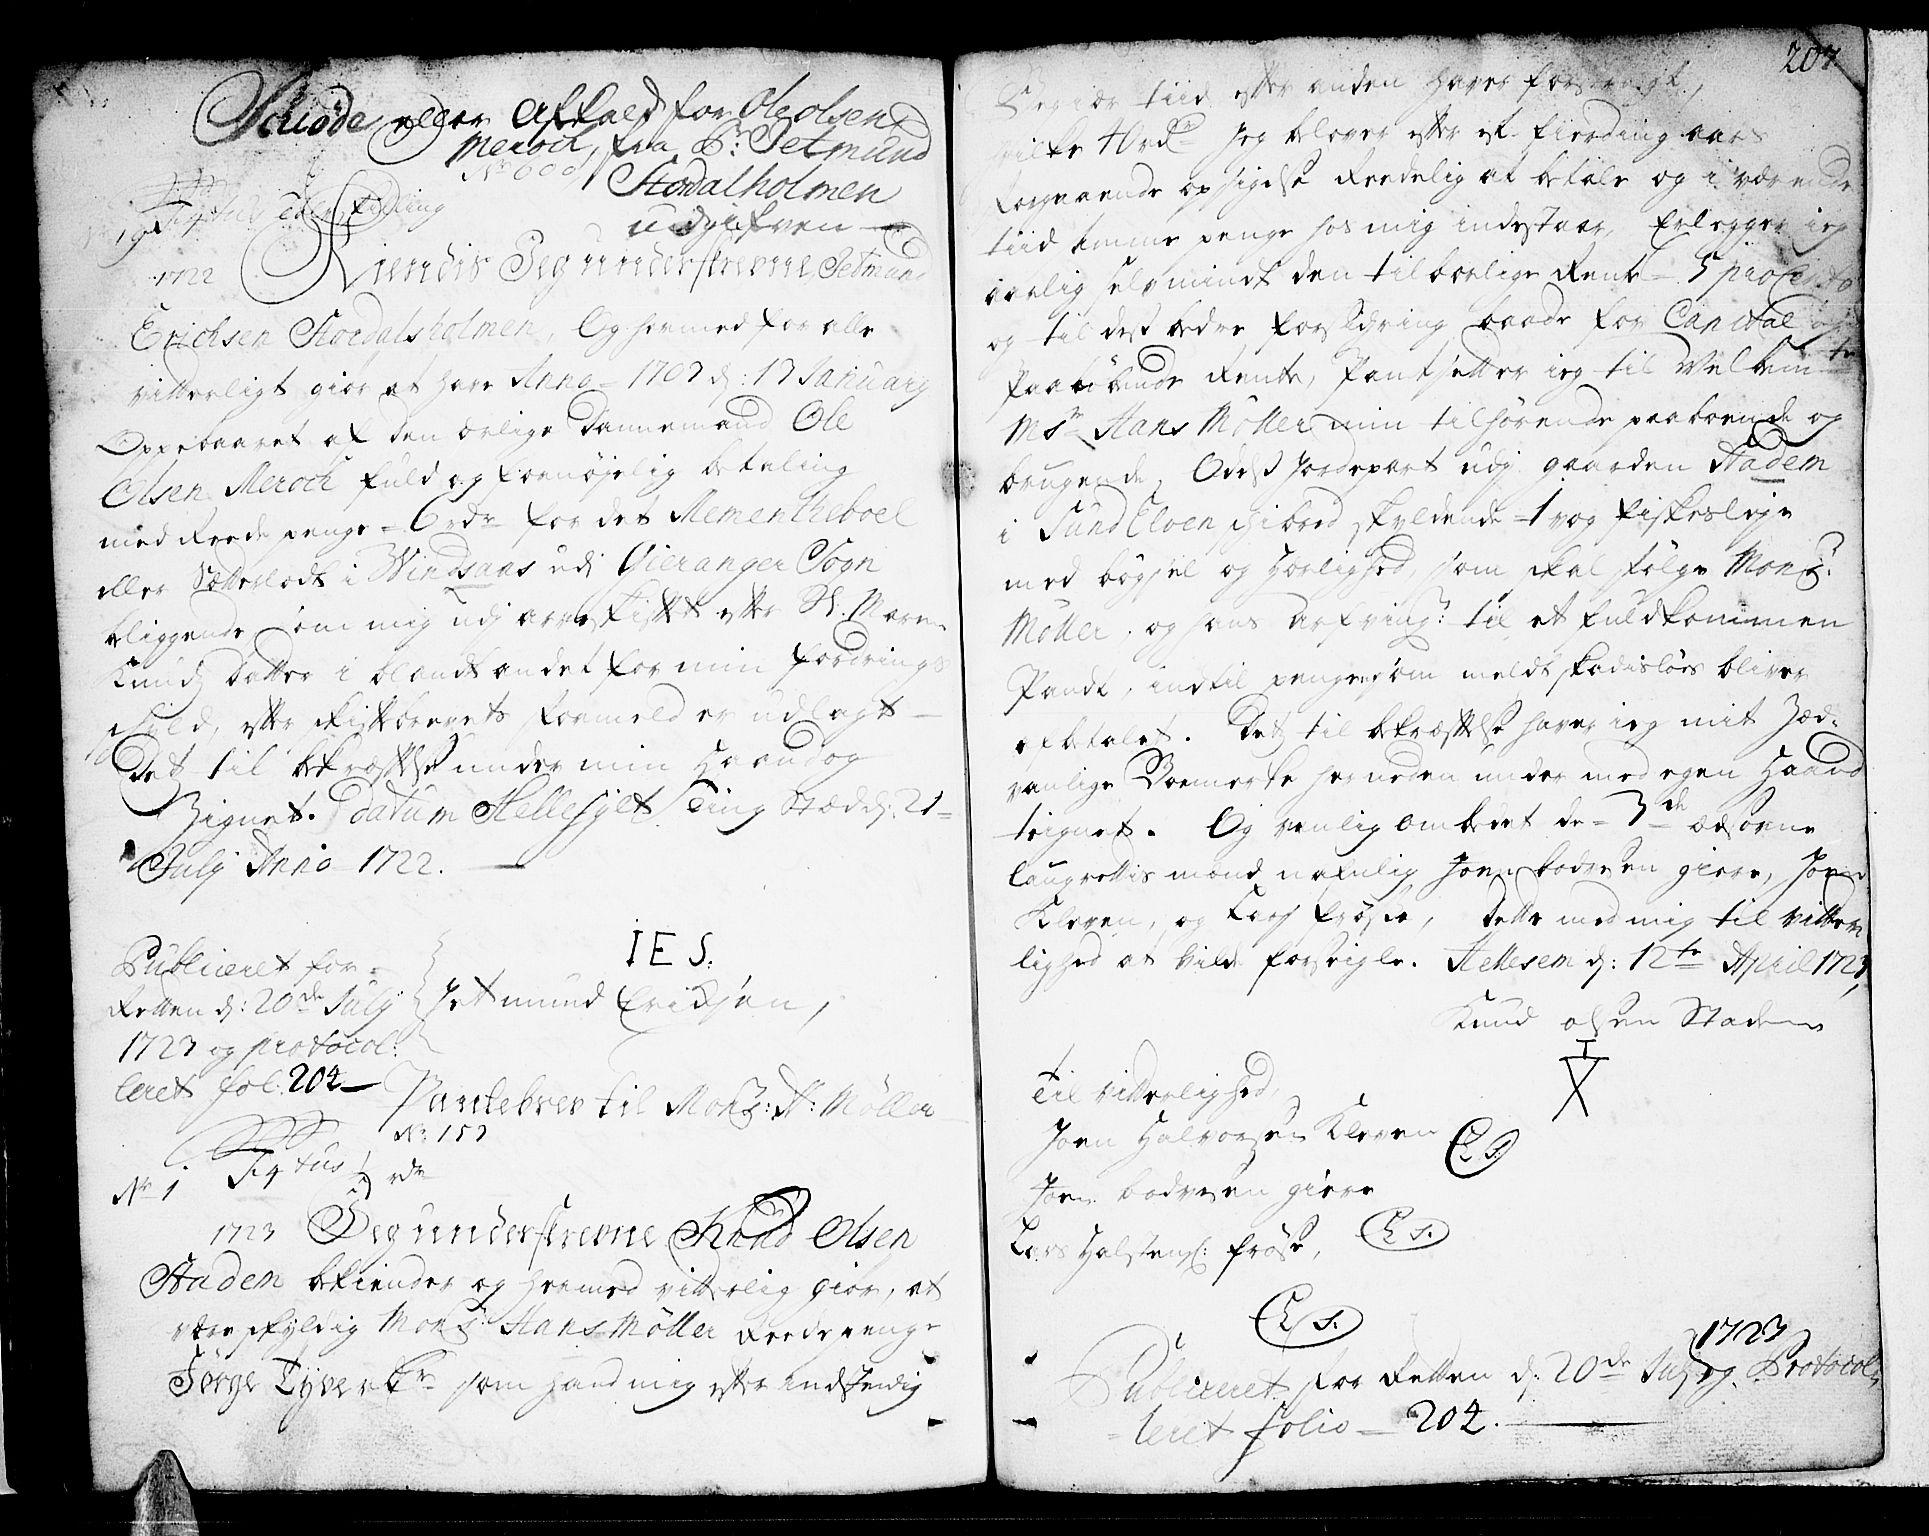 SAT, Sunnmøre sorenskriveri, 2/2C/L0001: Pantebok nr. 1, 1707-1724, s. 207